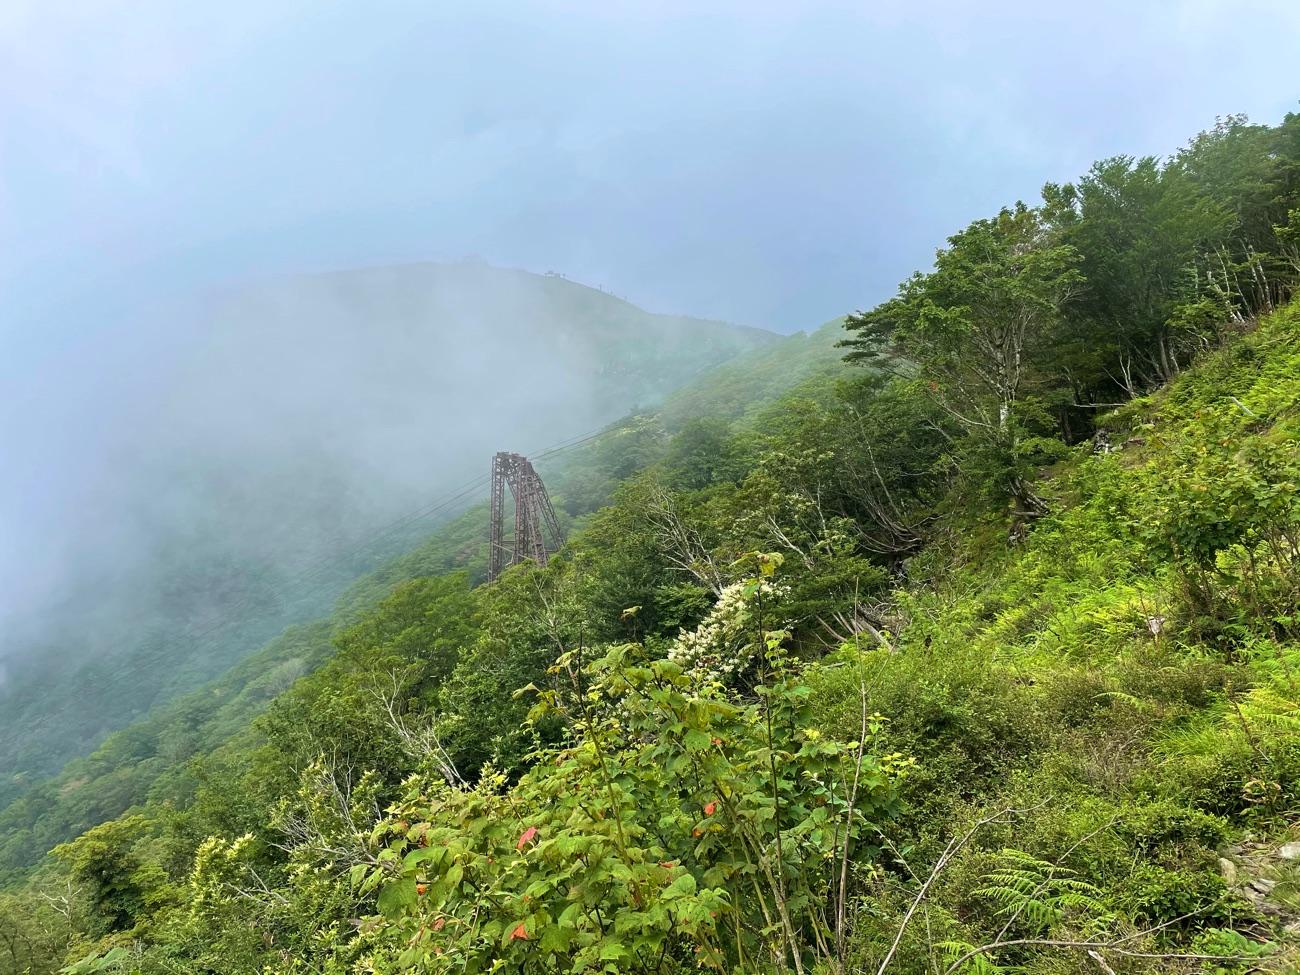 ロープウェイの鉄塔